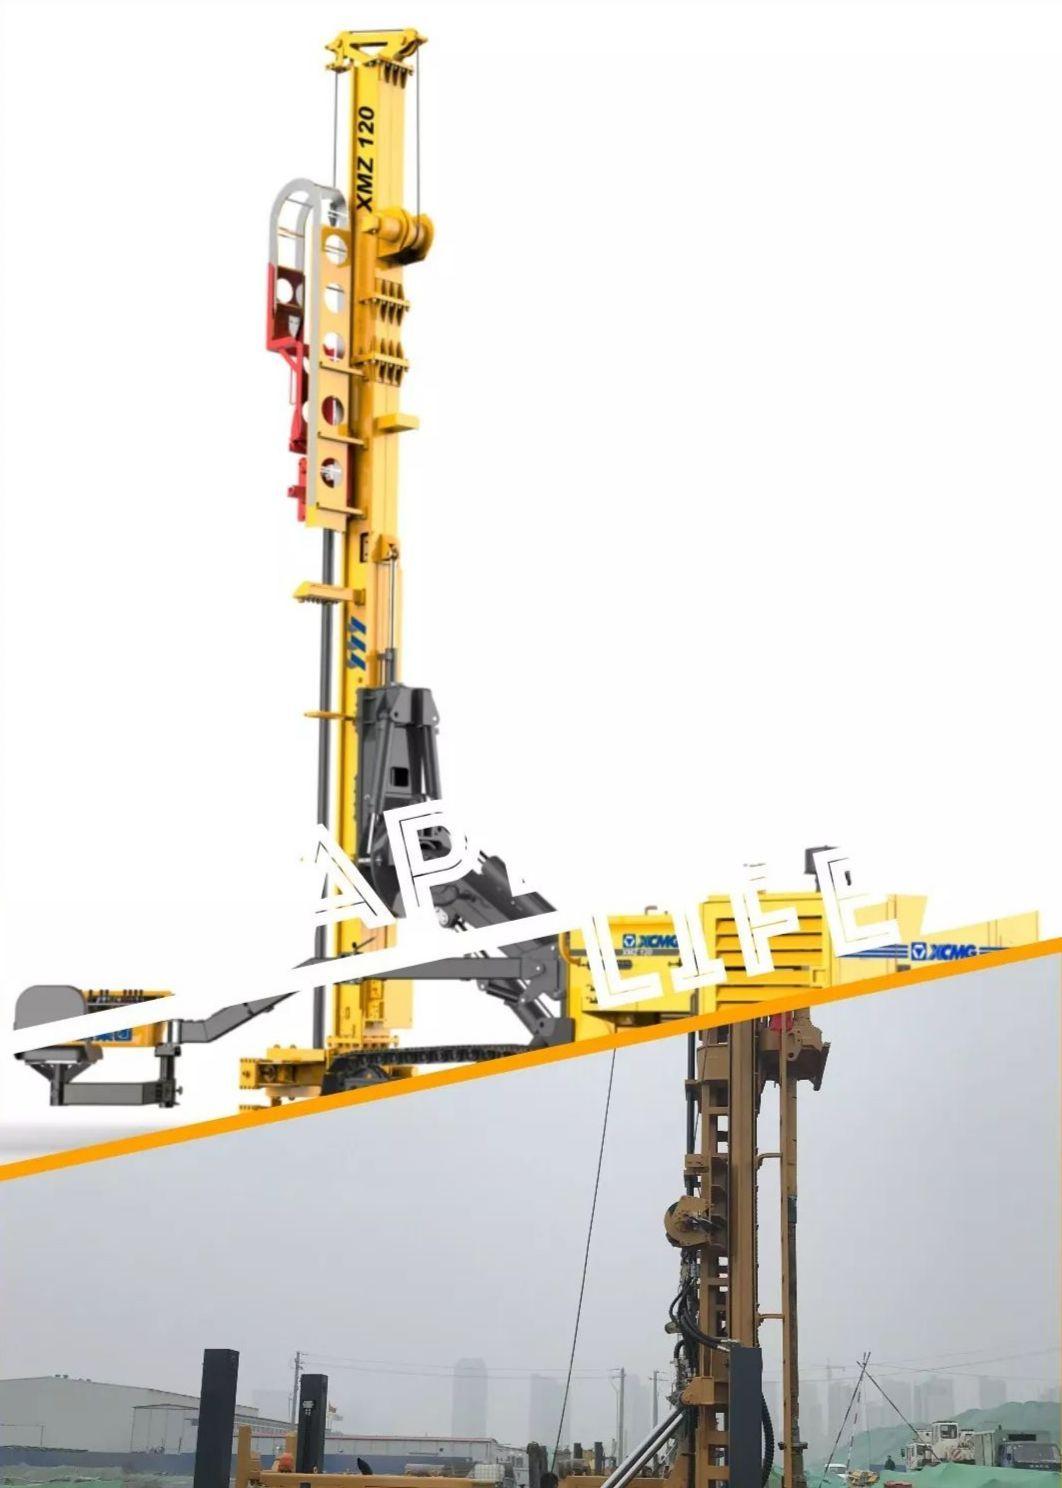 警法 正文  将携徐工xmz120锚杆钻机和xsl7/350水井钻机精彩亮相.图片